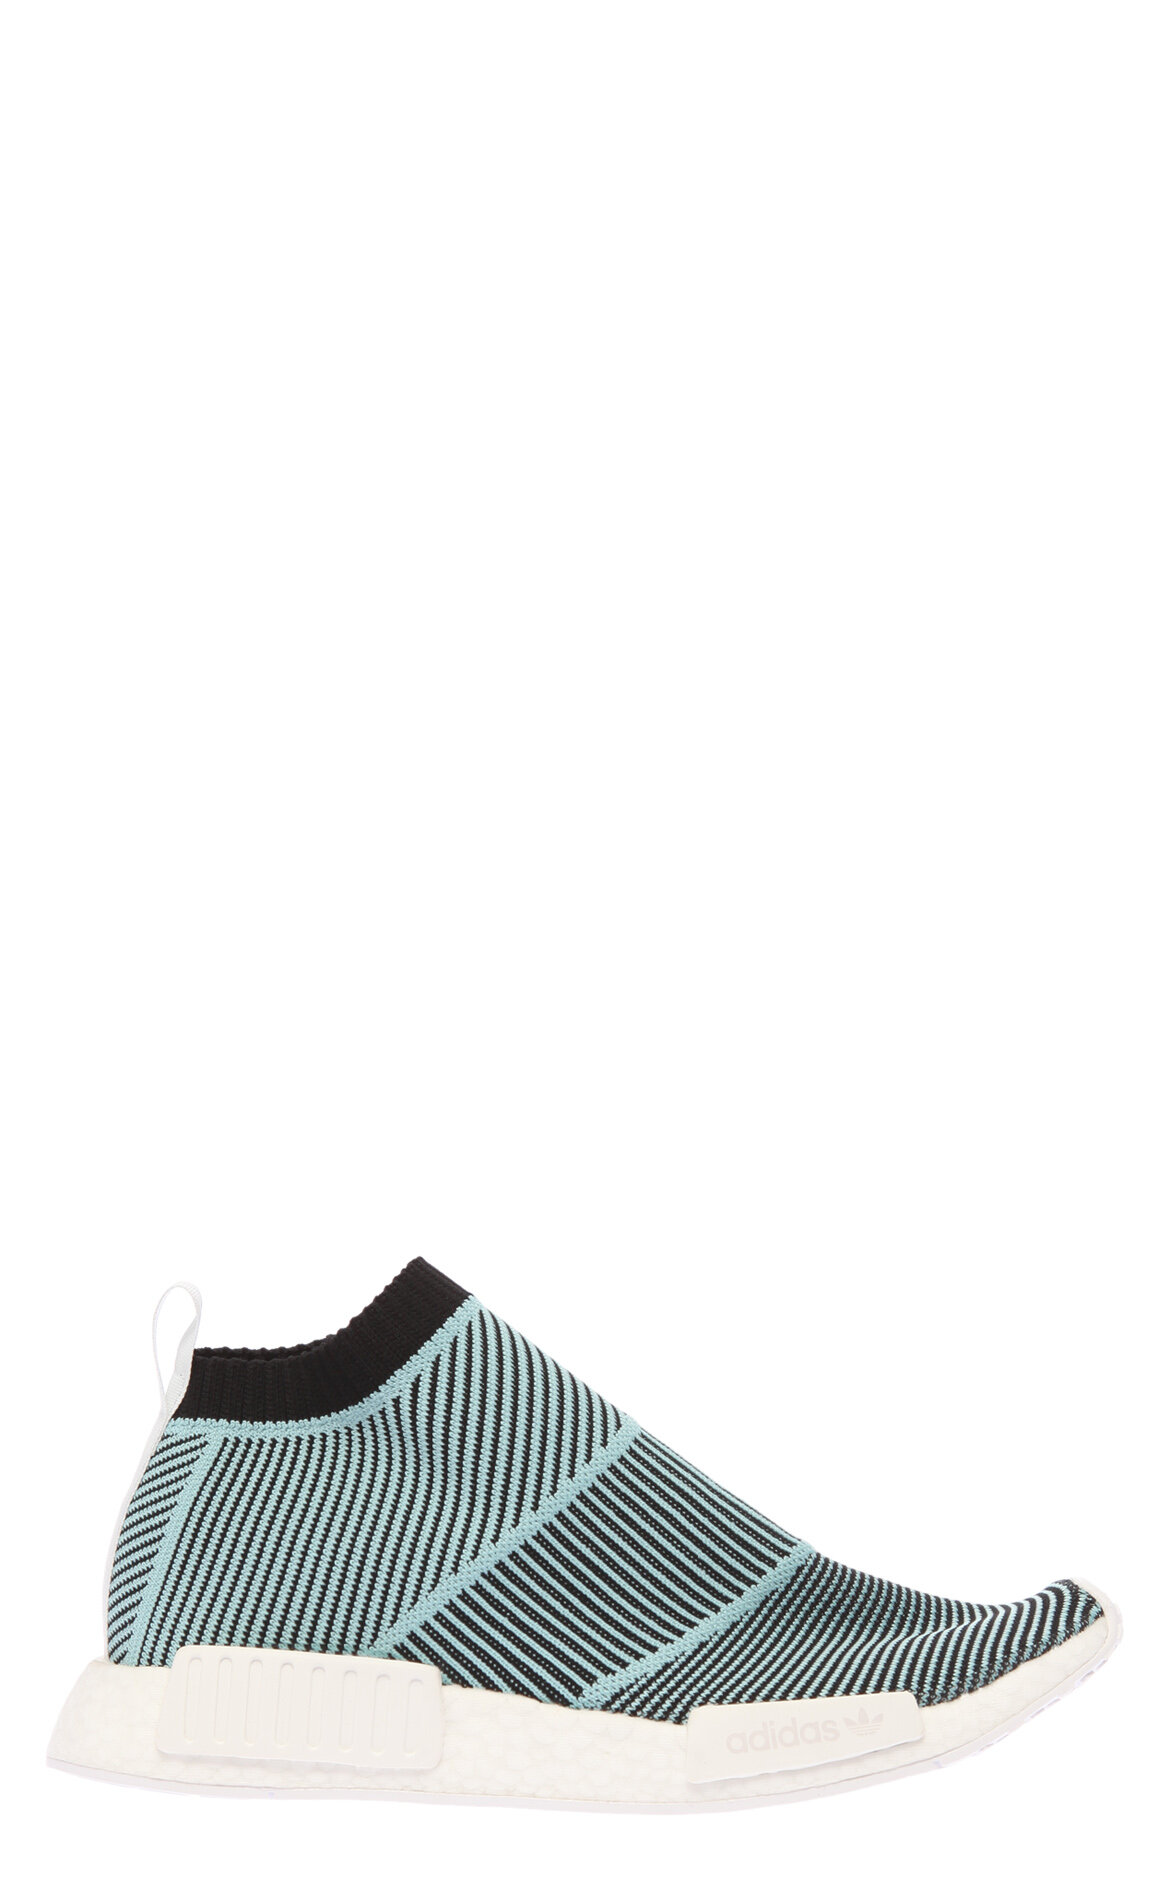 adidas originals-adidas originals NMD Spor Ayakkabı